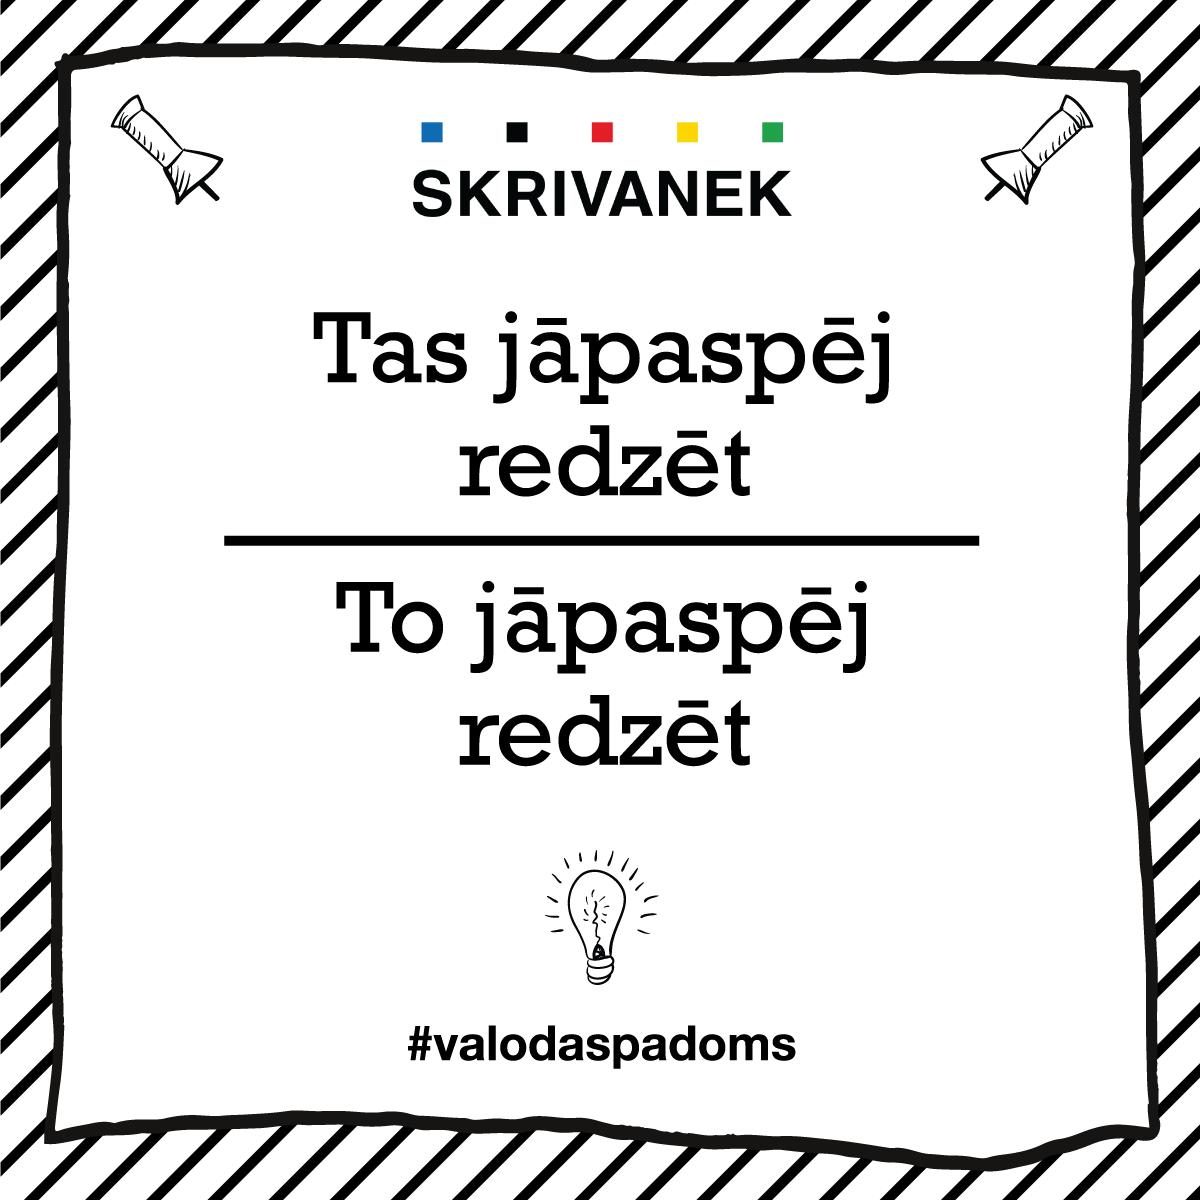 """Skrivanek Baltic valodas padoms """"Tas jāpaspēj redzēt"""" pret """"To jāpaspēj redzēt"""""""